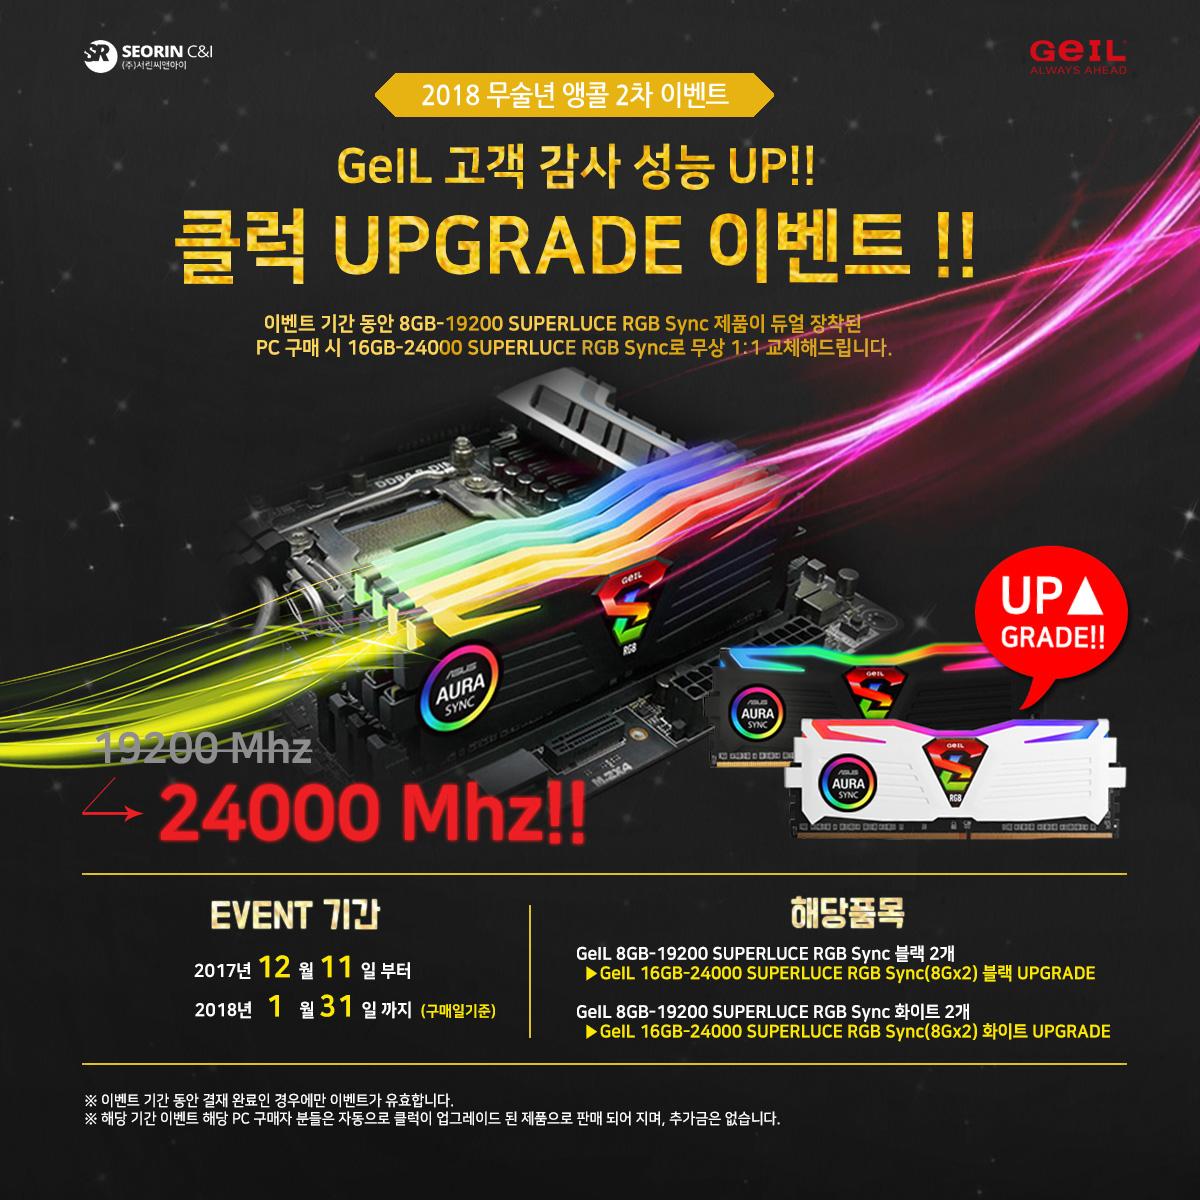 (주)서린씨앤아이 게일 슈퍼루스 RGB Sync PC 고객감사 클럭 업그레이드 이벤트 실시